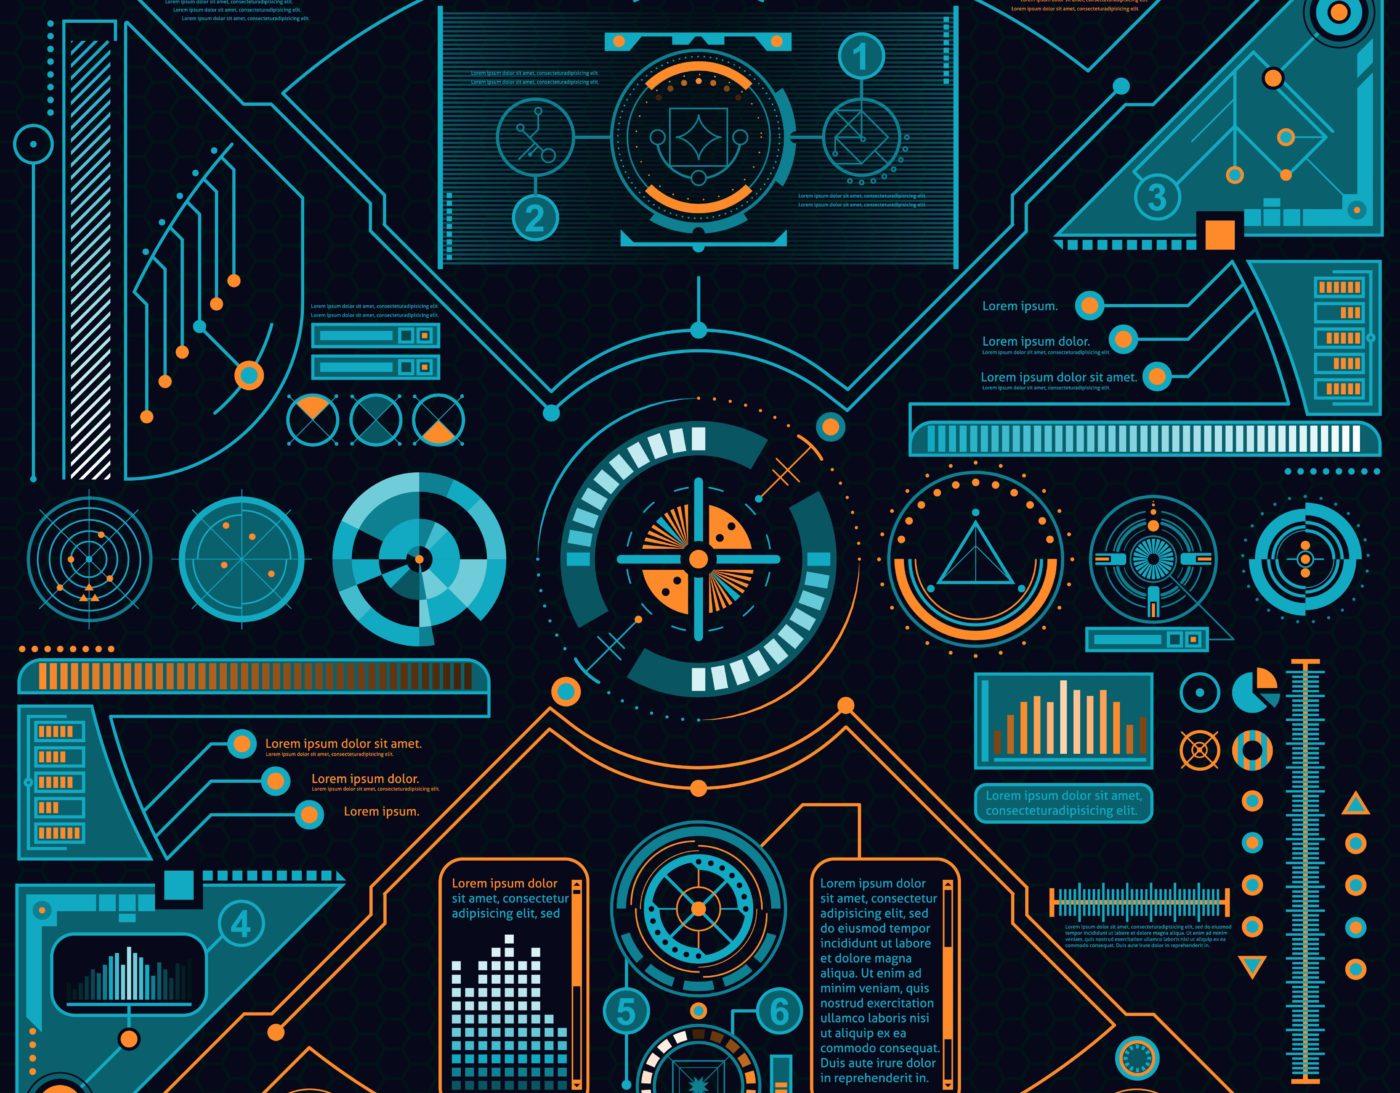 被忽略的科技發展史:電影那些前衛、神奇的電腦畫面是怎麼辦到的?